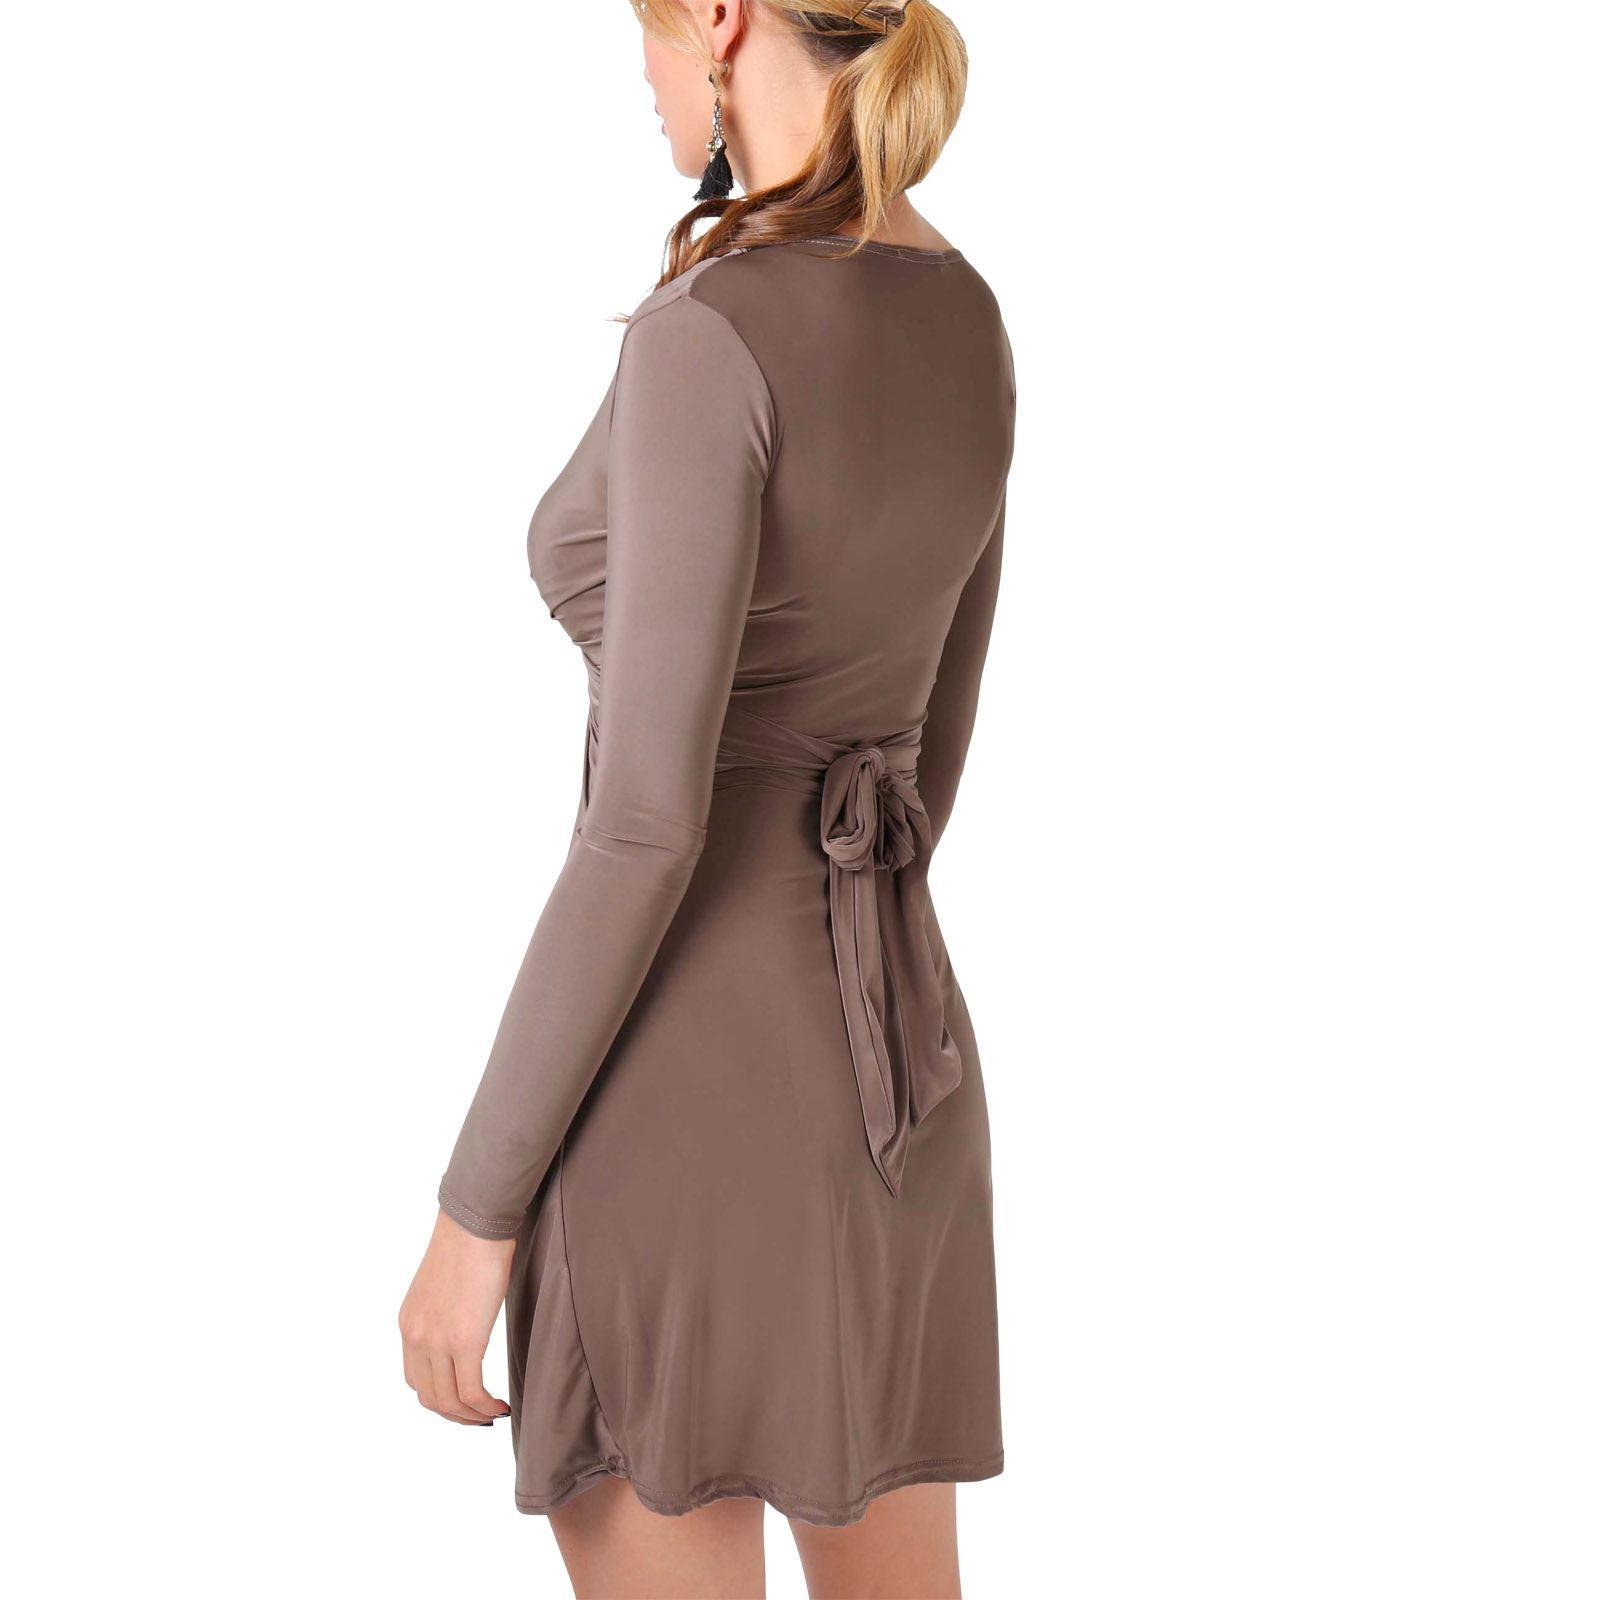 Damen Kleid Langarm Figurbetonend Minikleid Abendkleid